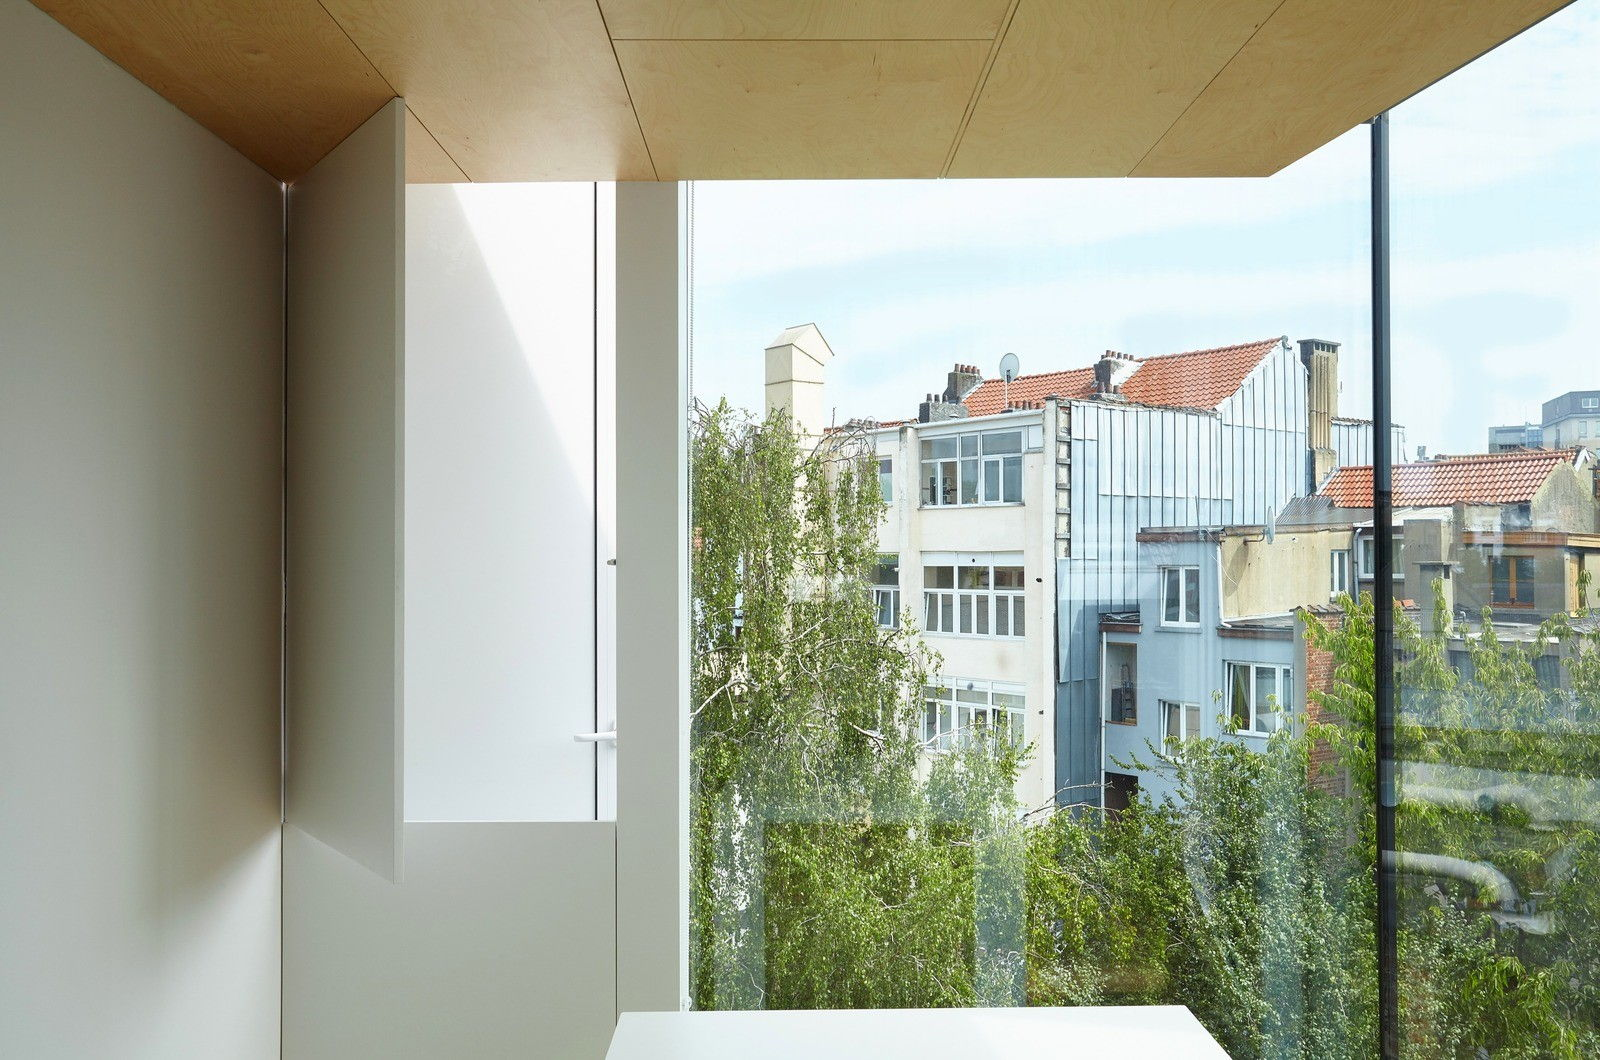 House-in-Belgium-just3ds.com-7